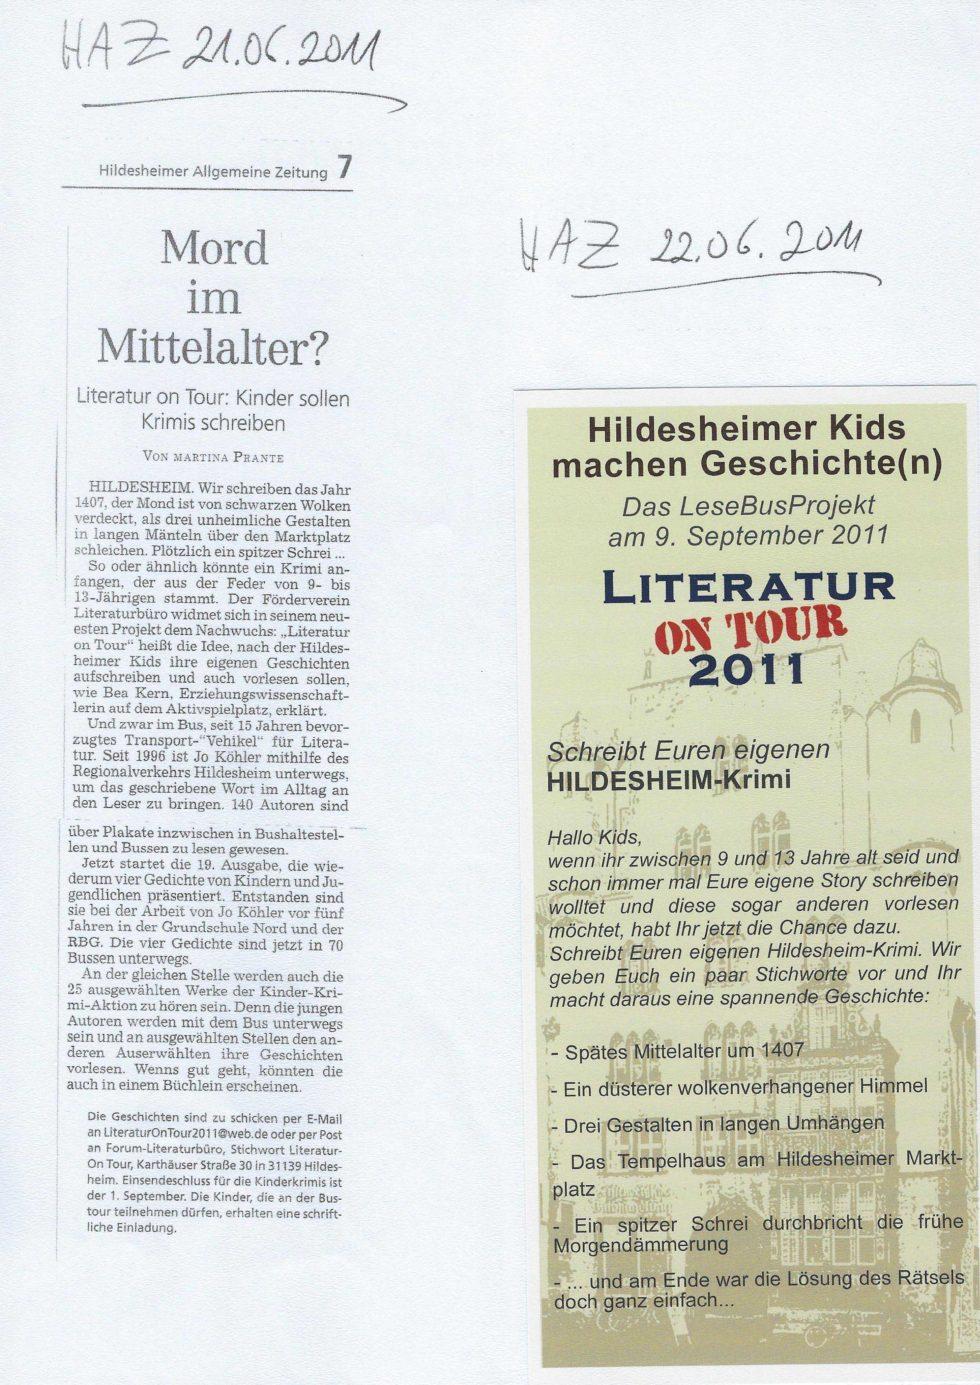 2011 LeseZeichen + 20. Juli + Grünen Wettbewerb_Seite_03